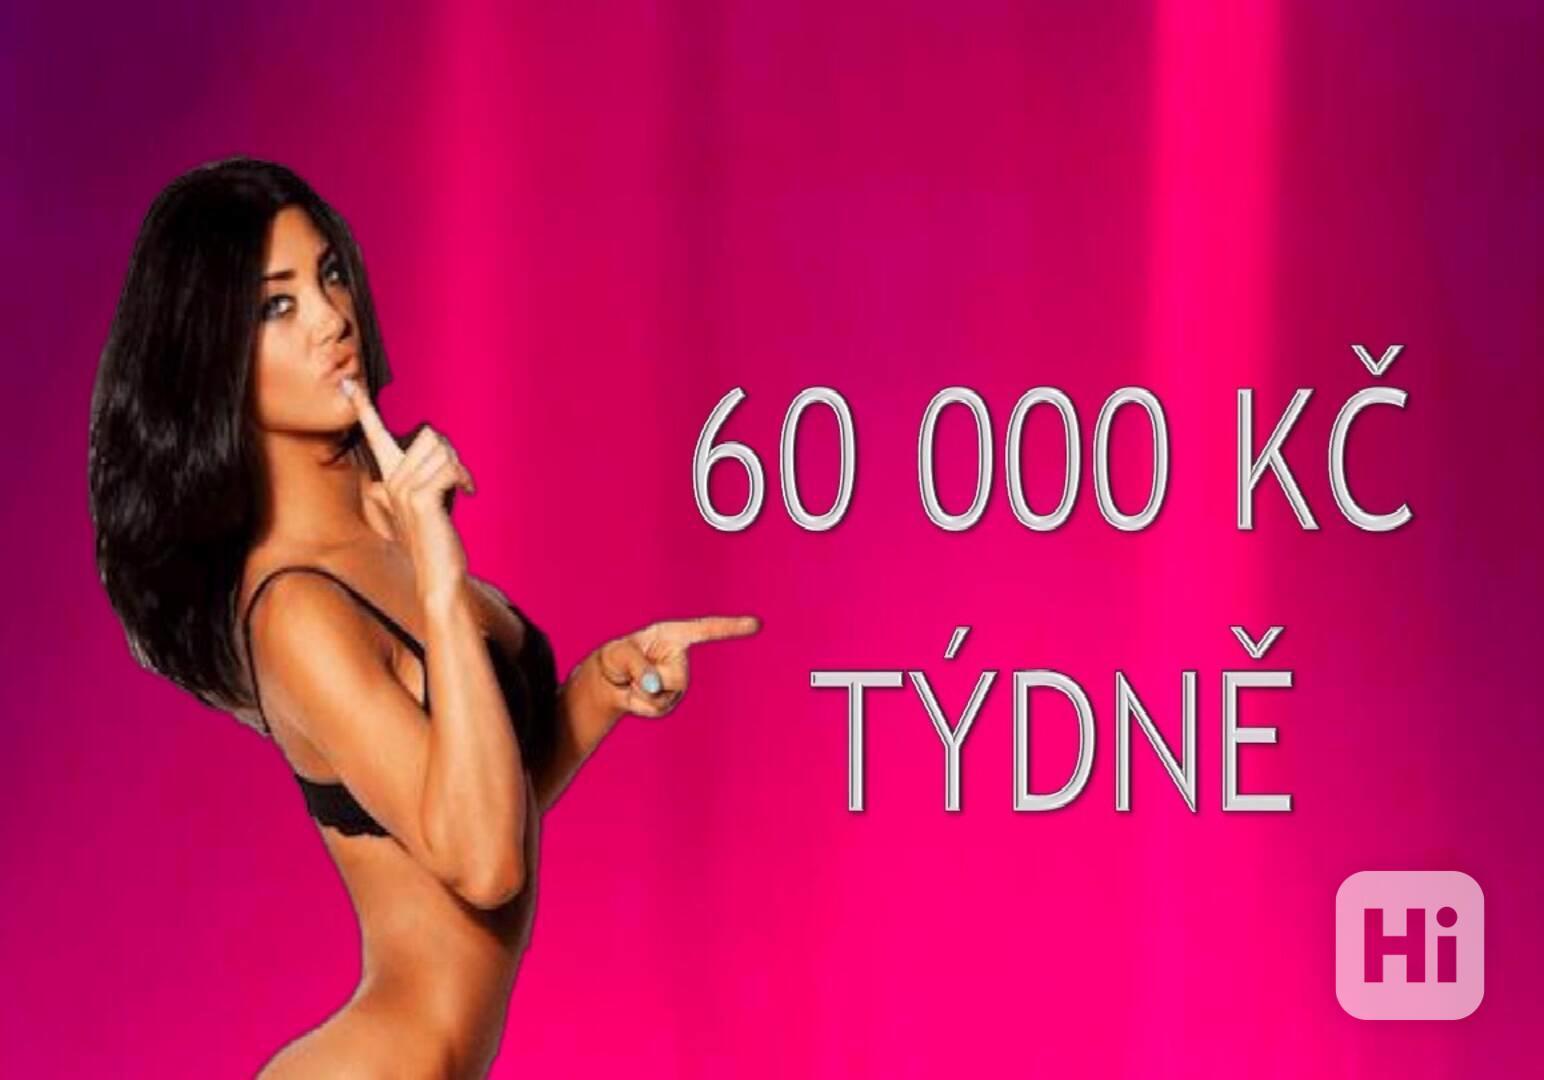 60 000 KČ TÝDNĚ, NEJLEPŠÍ PODMÍNKY V PRAZE !!! - foto 1